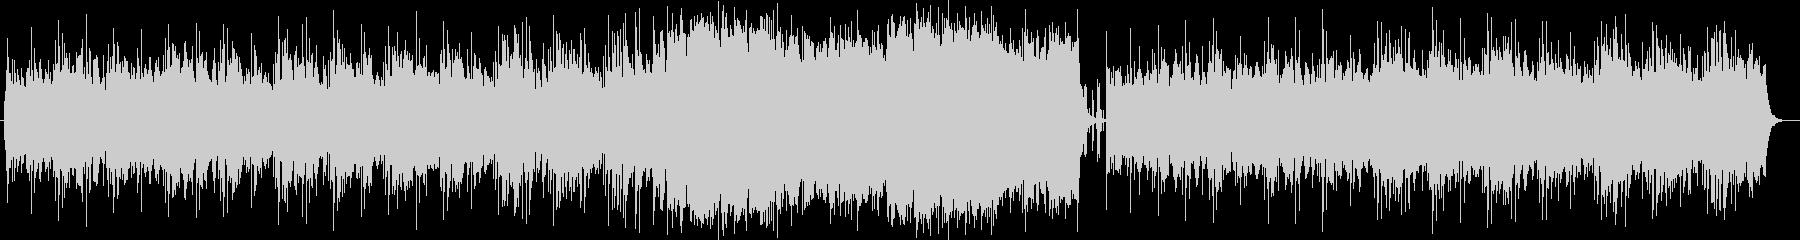 優しく流れるシンセ・ボイスサウンドの未再生の波形